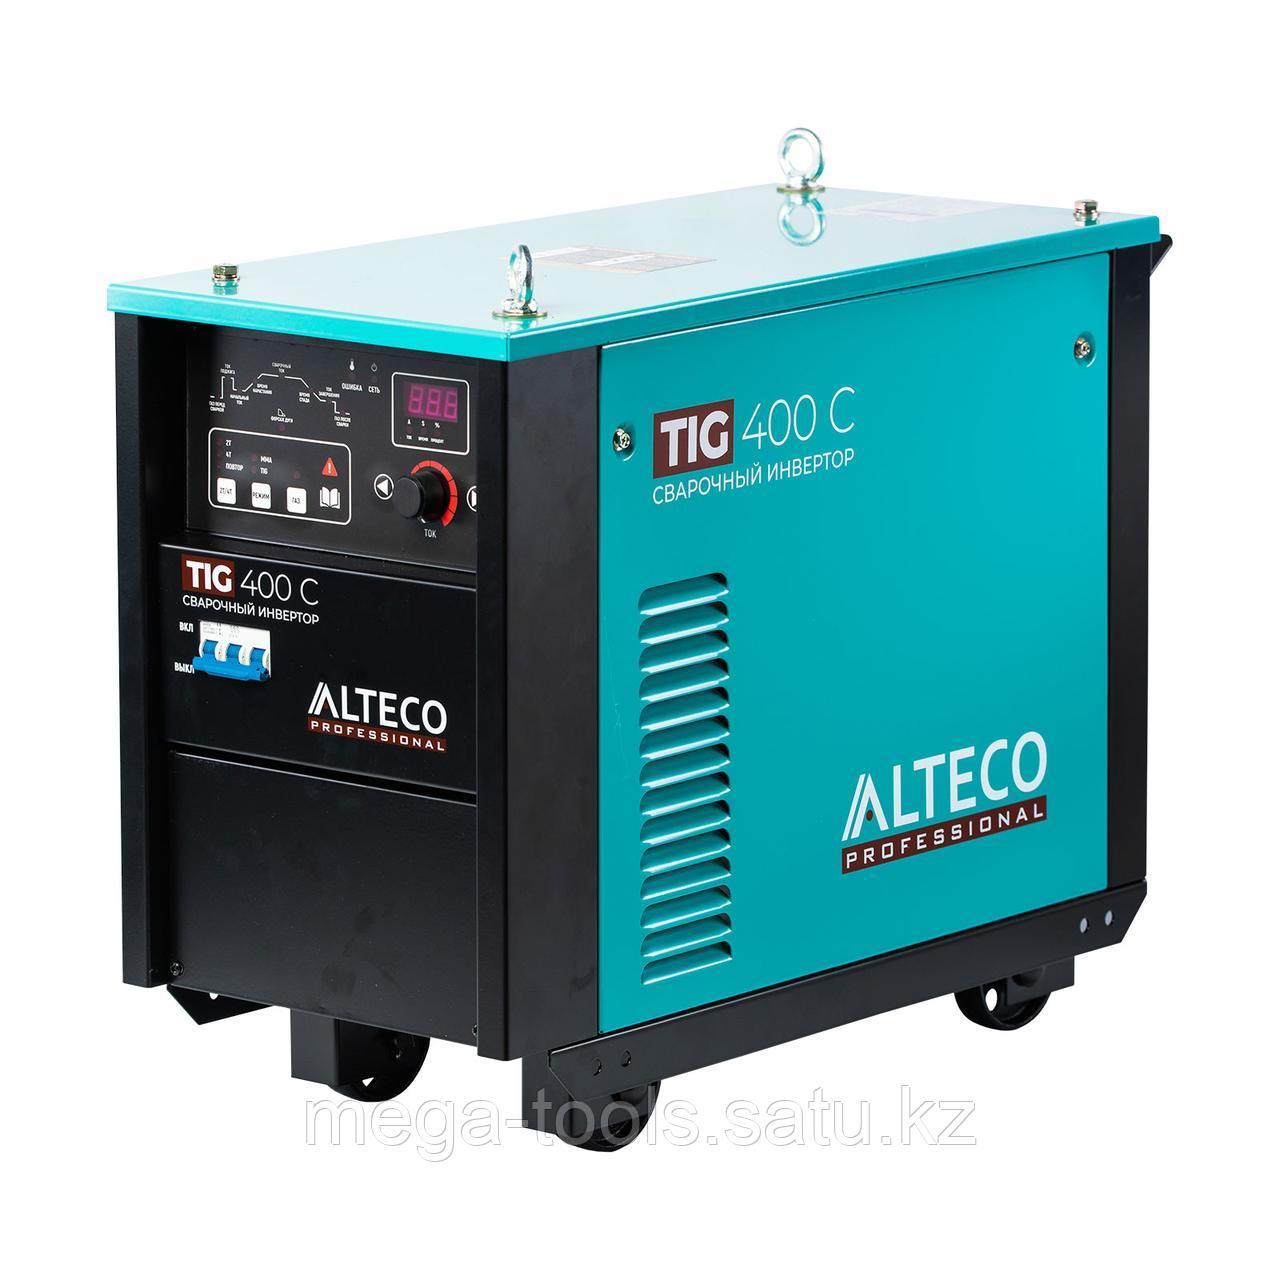 Сварочный аппарат ALTECO TIG 400 C - фото 1